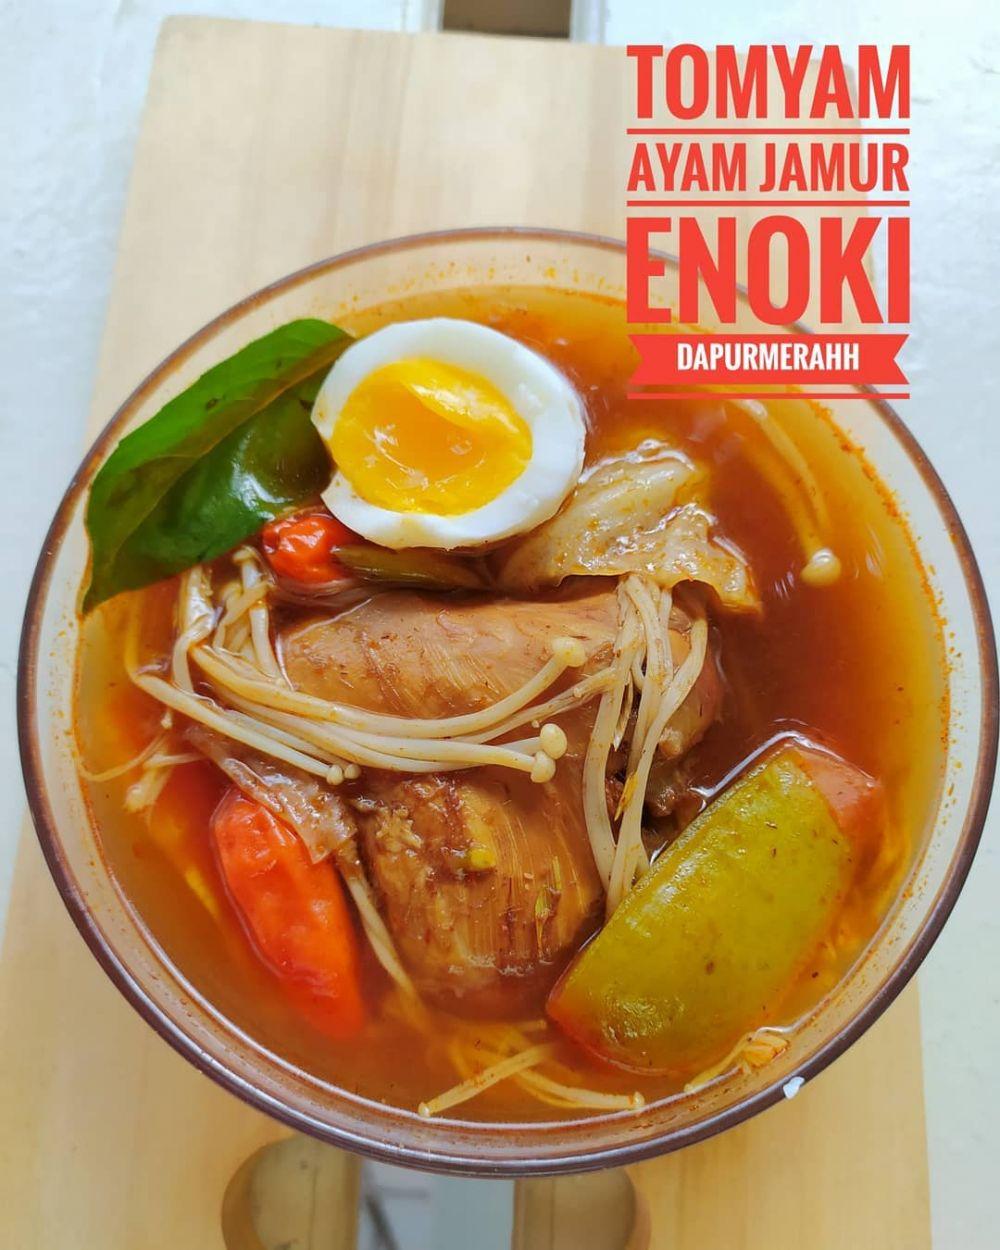 resep tom yam sederhana © 2020 brilio.net Instagram/@susie.agung ; Instagram/@linagui.kitchen